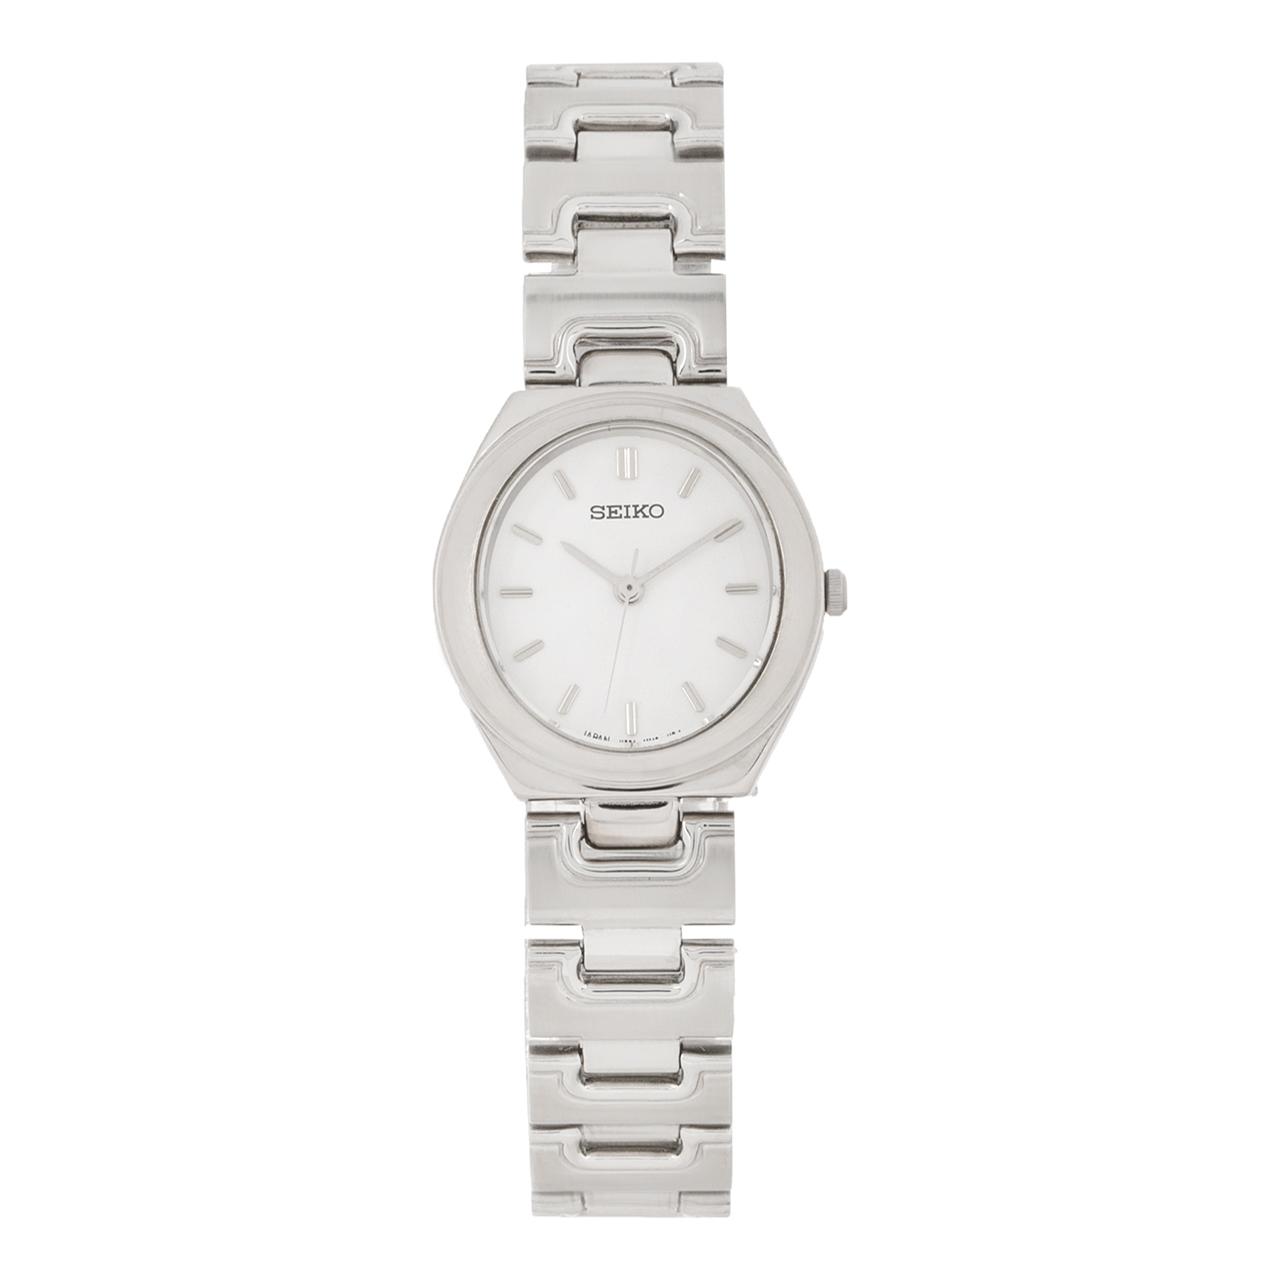 خرید ساعت مچی عقربه ای زنانه سیکو مدل G3